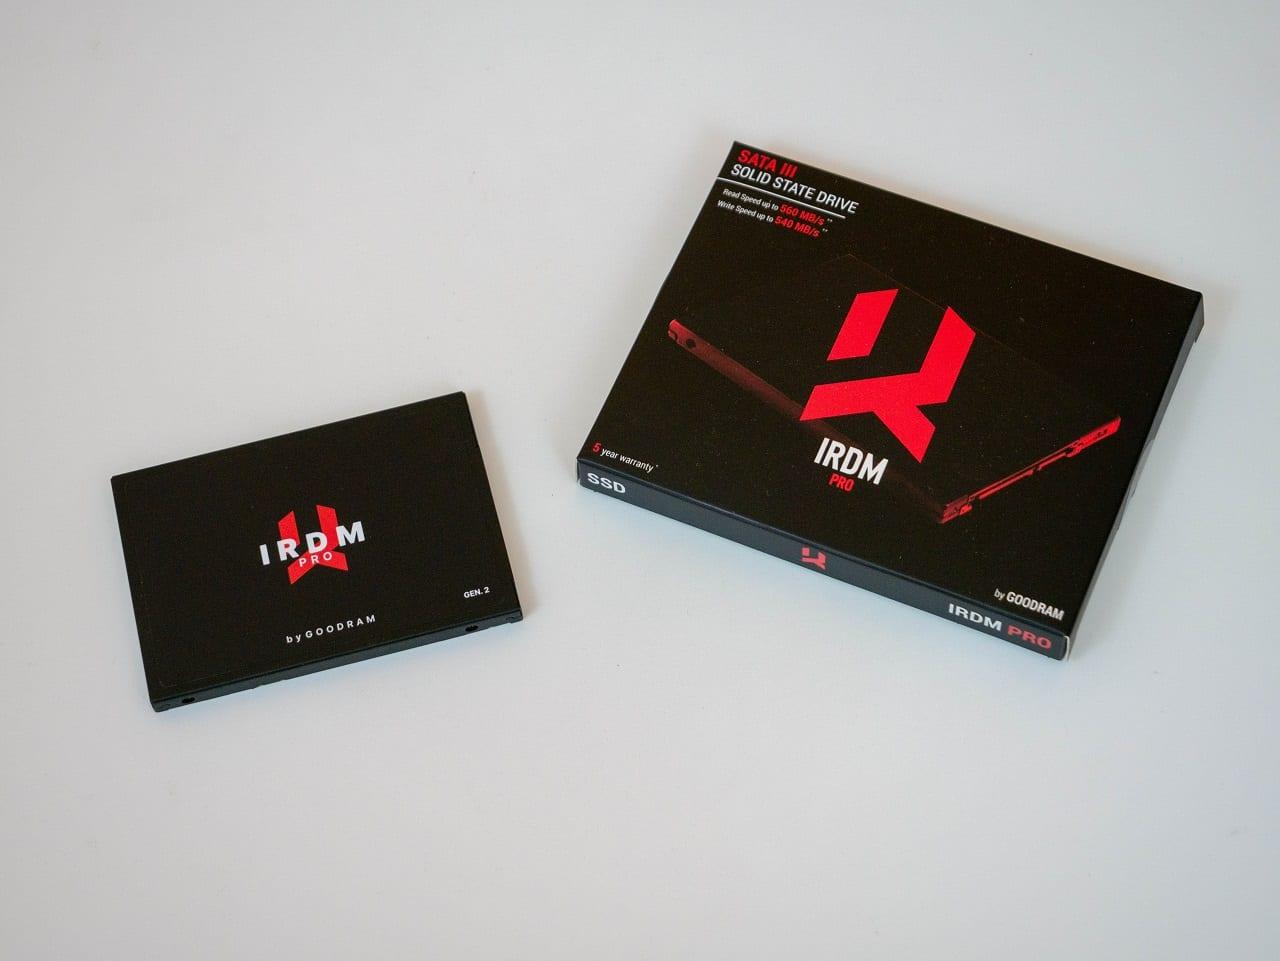 , Goodram IRDM PRO Gen.2 Recensione – Un SSD SATA veloce e affidabile